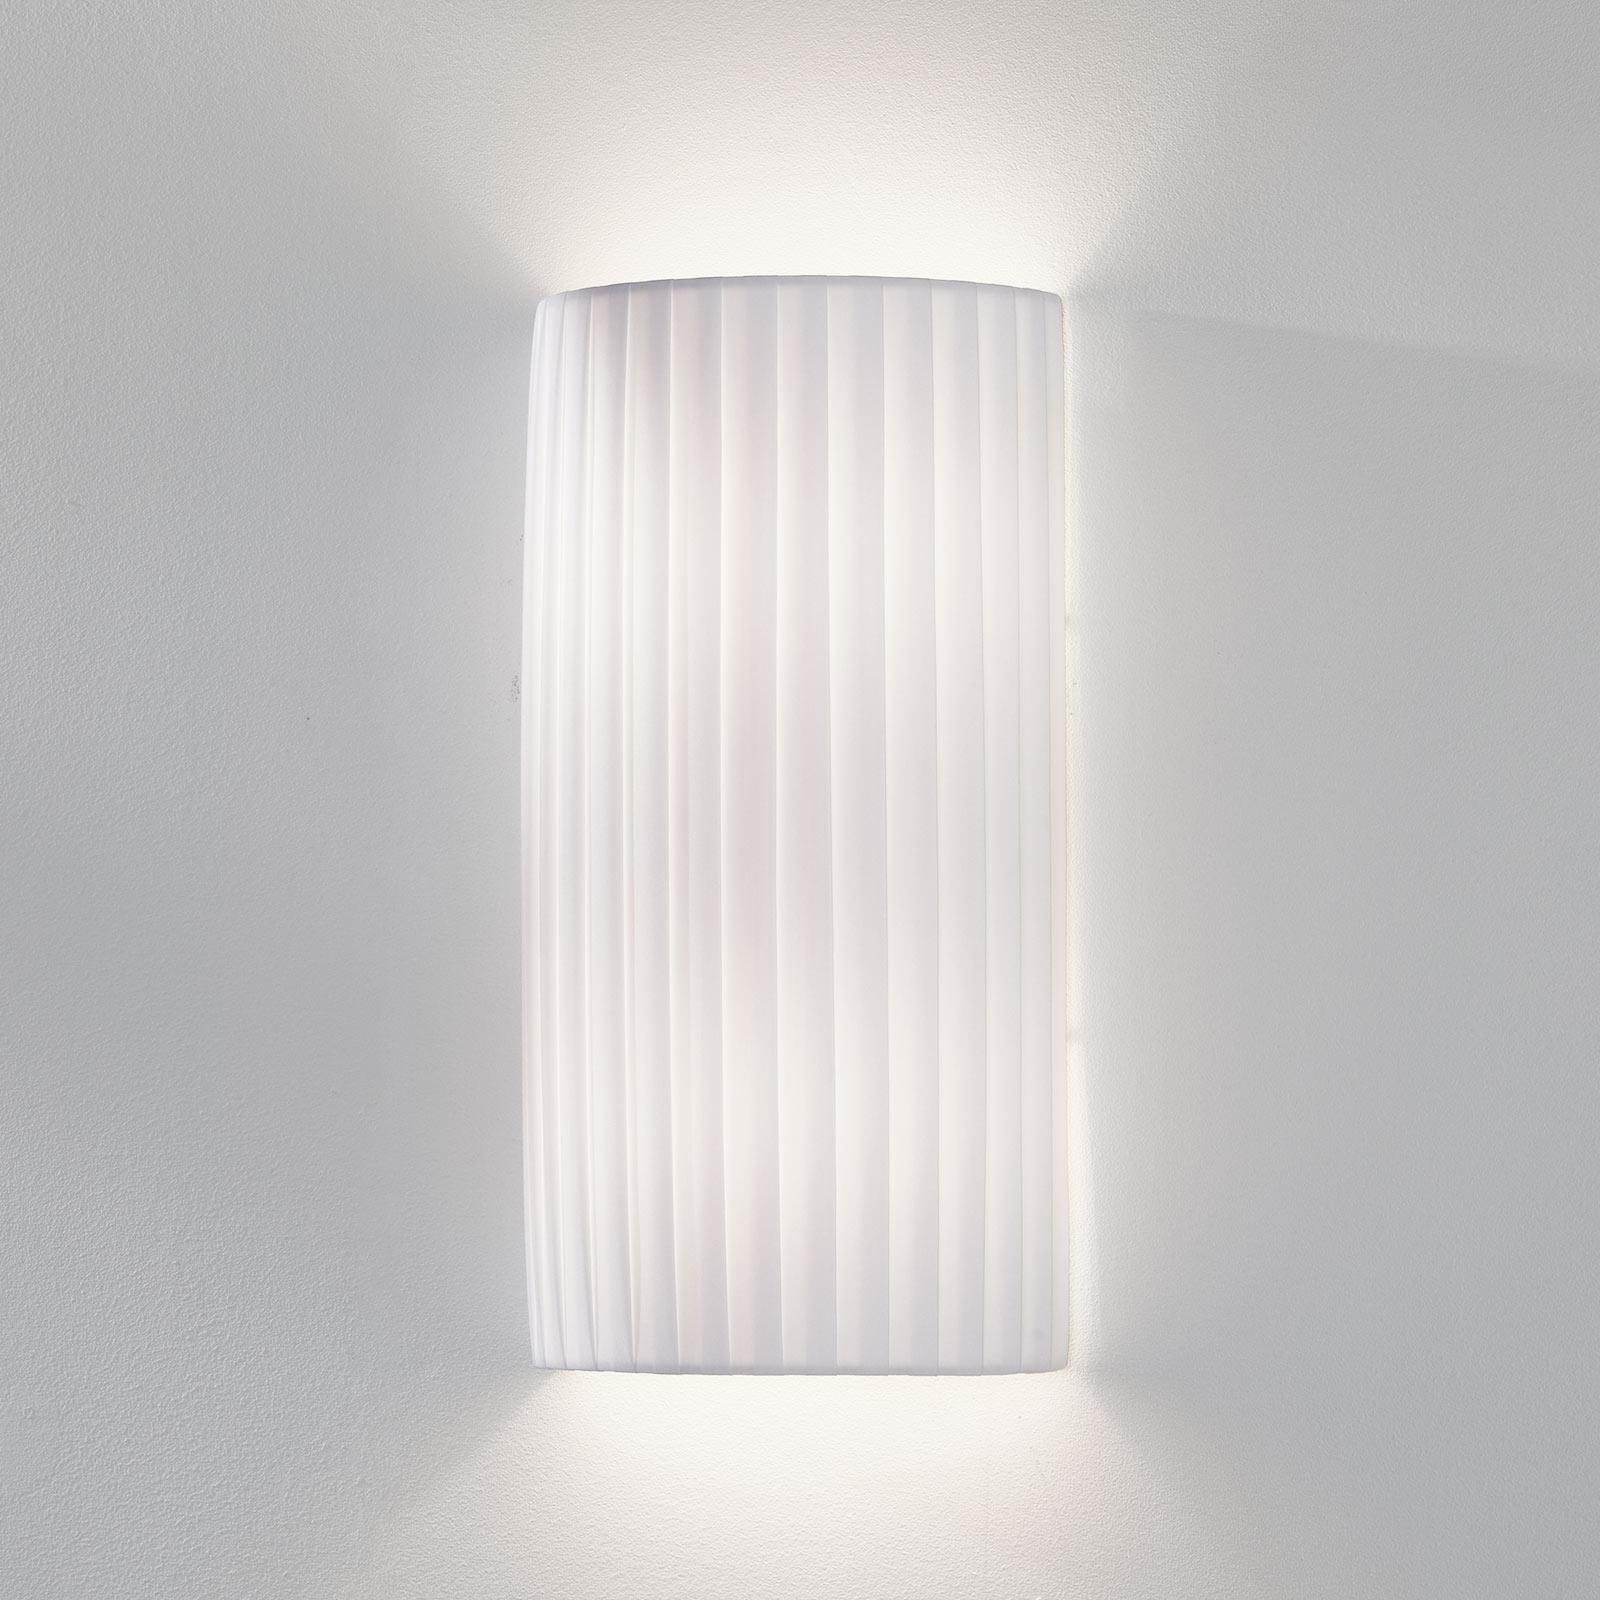 Univerzální nástěnné světlo Lisa bílé